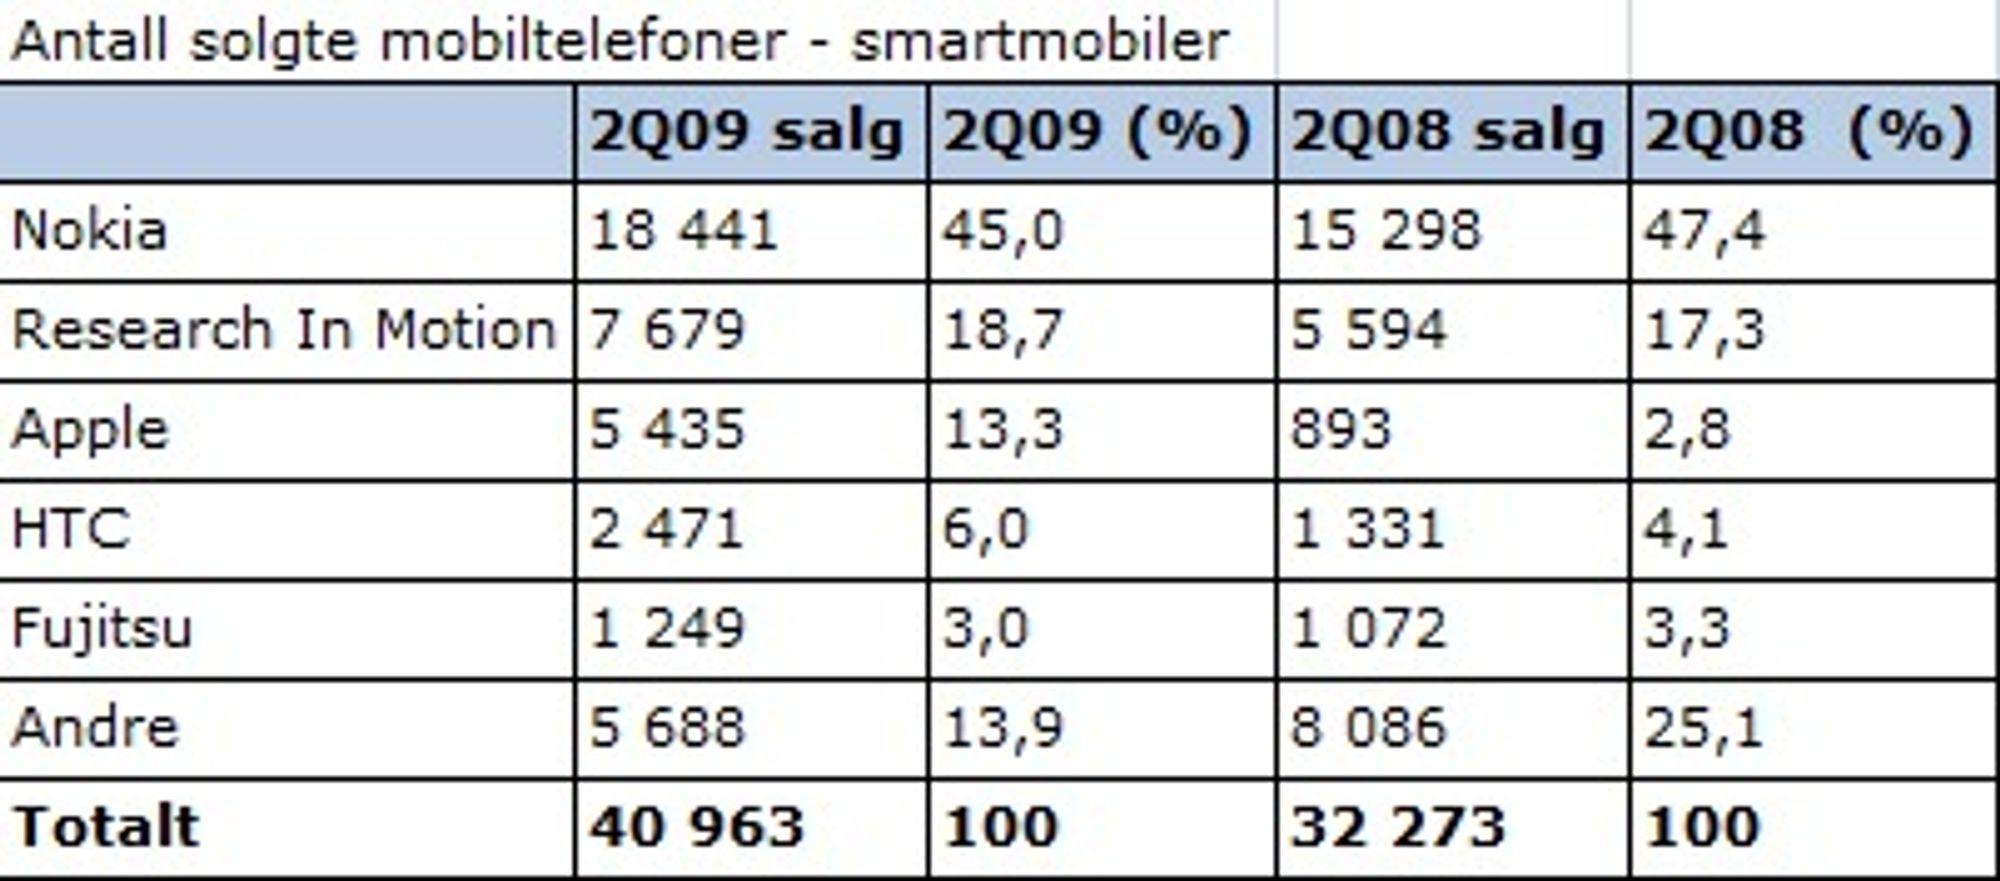 Antall solgte smartmobiler i tusener av enheter (Kilde: Gartner, august 2009)